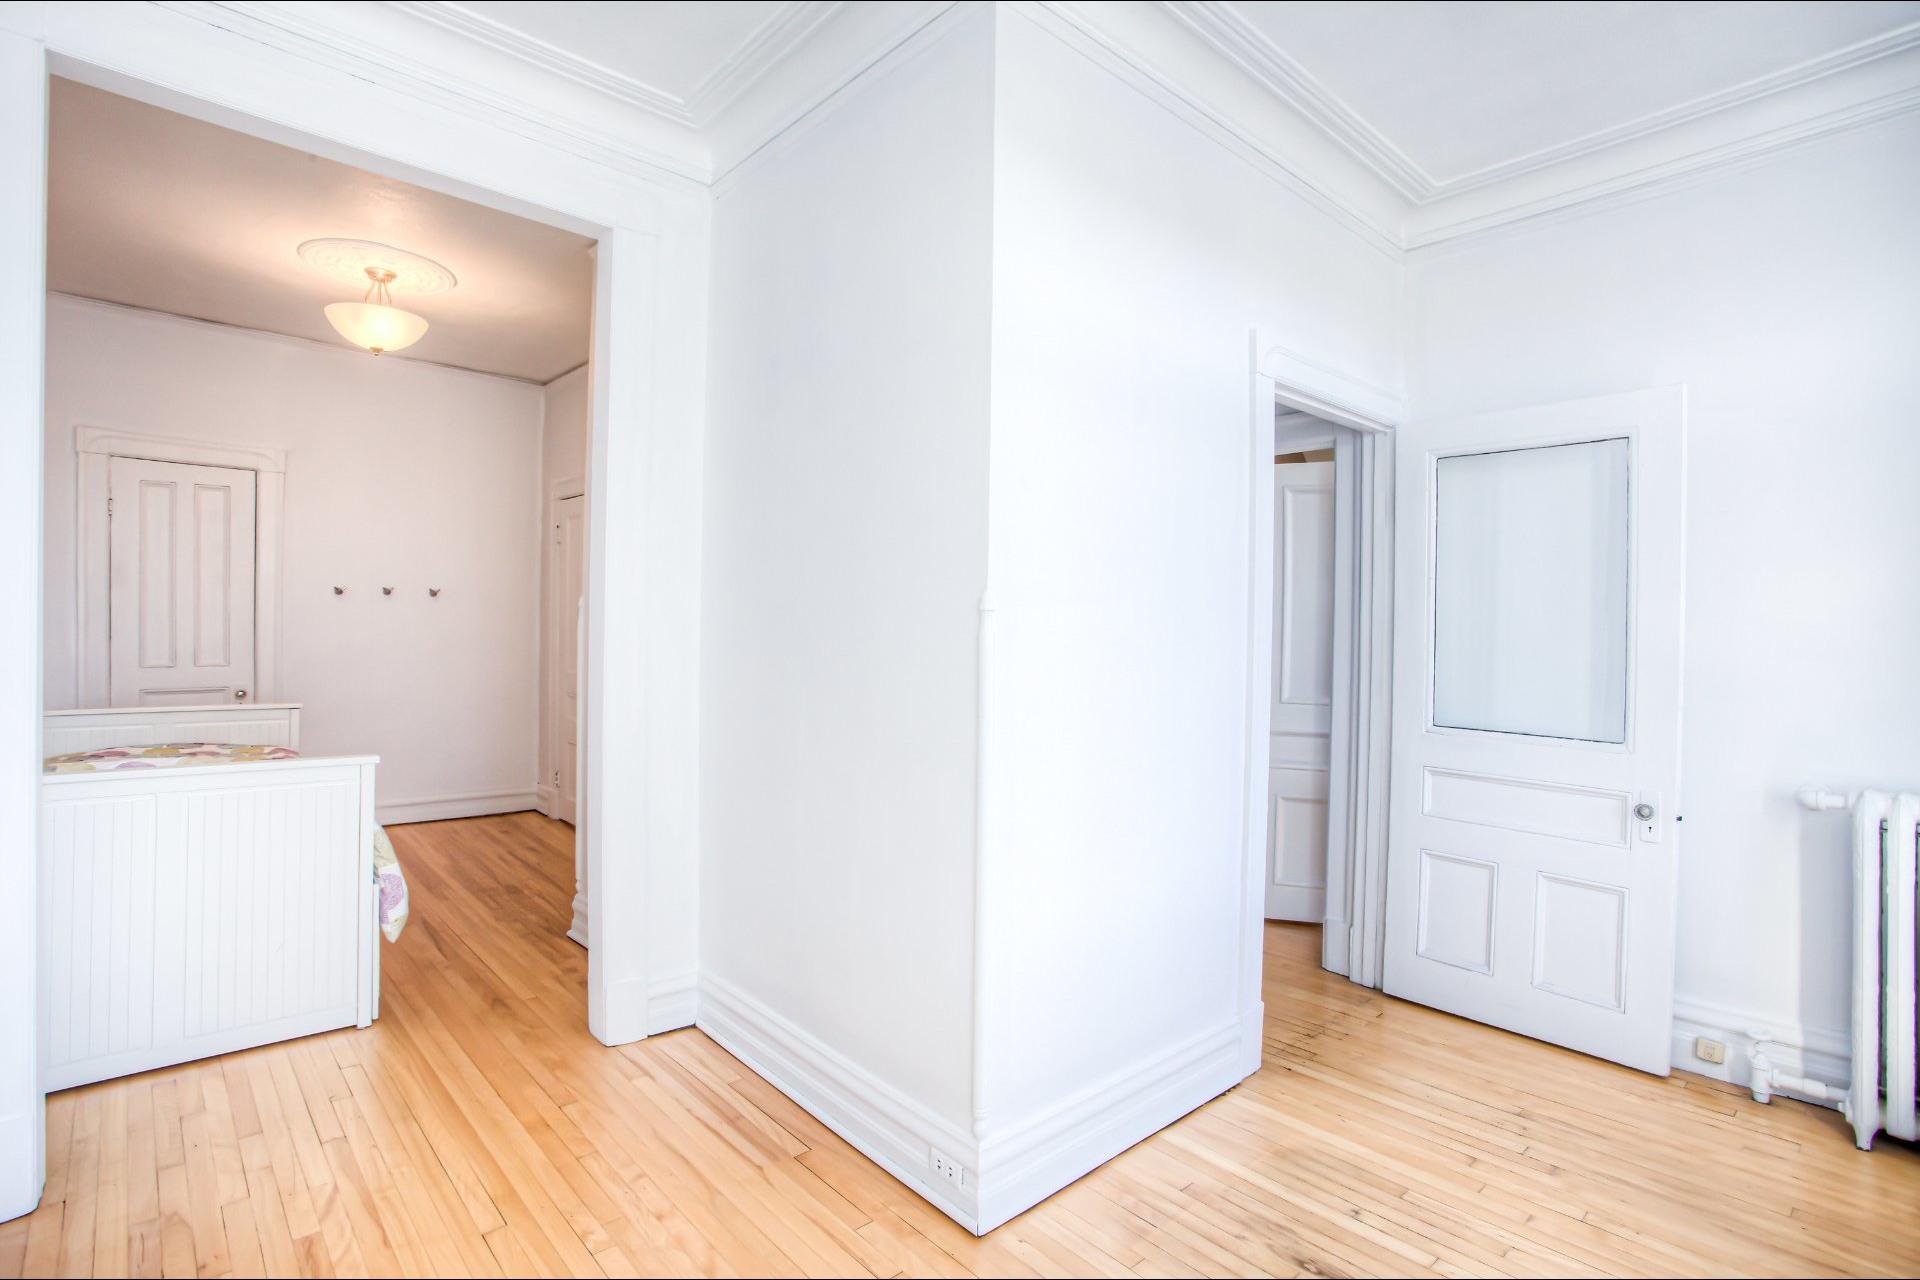 image 11 - Appartement À vendre Rosemont/La Petite-Patrie Montréal  - 8 pièces